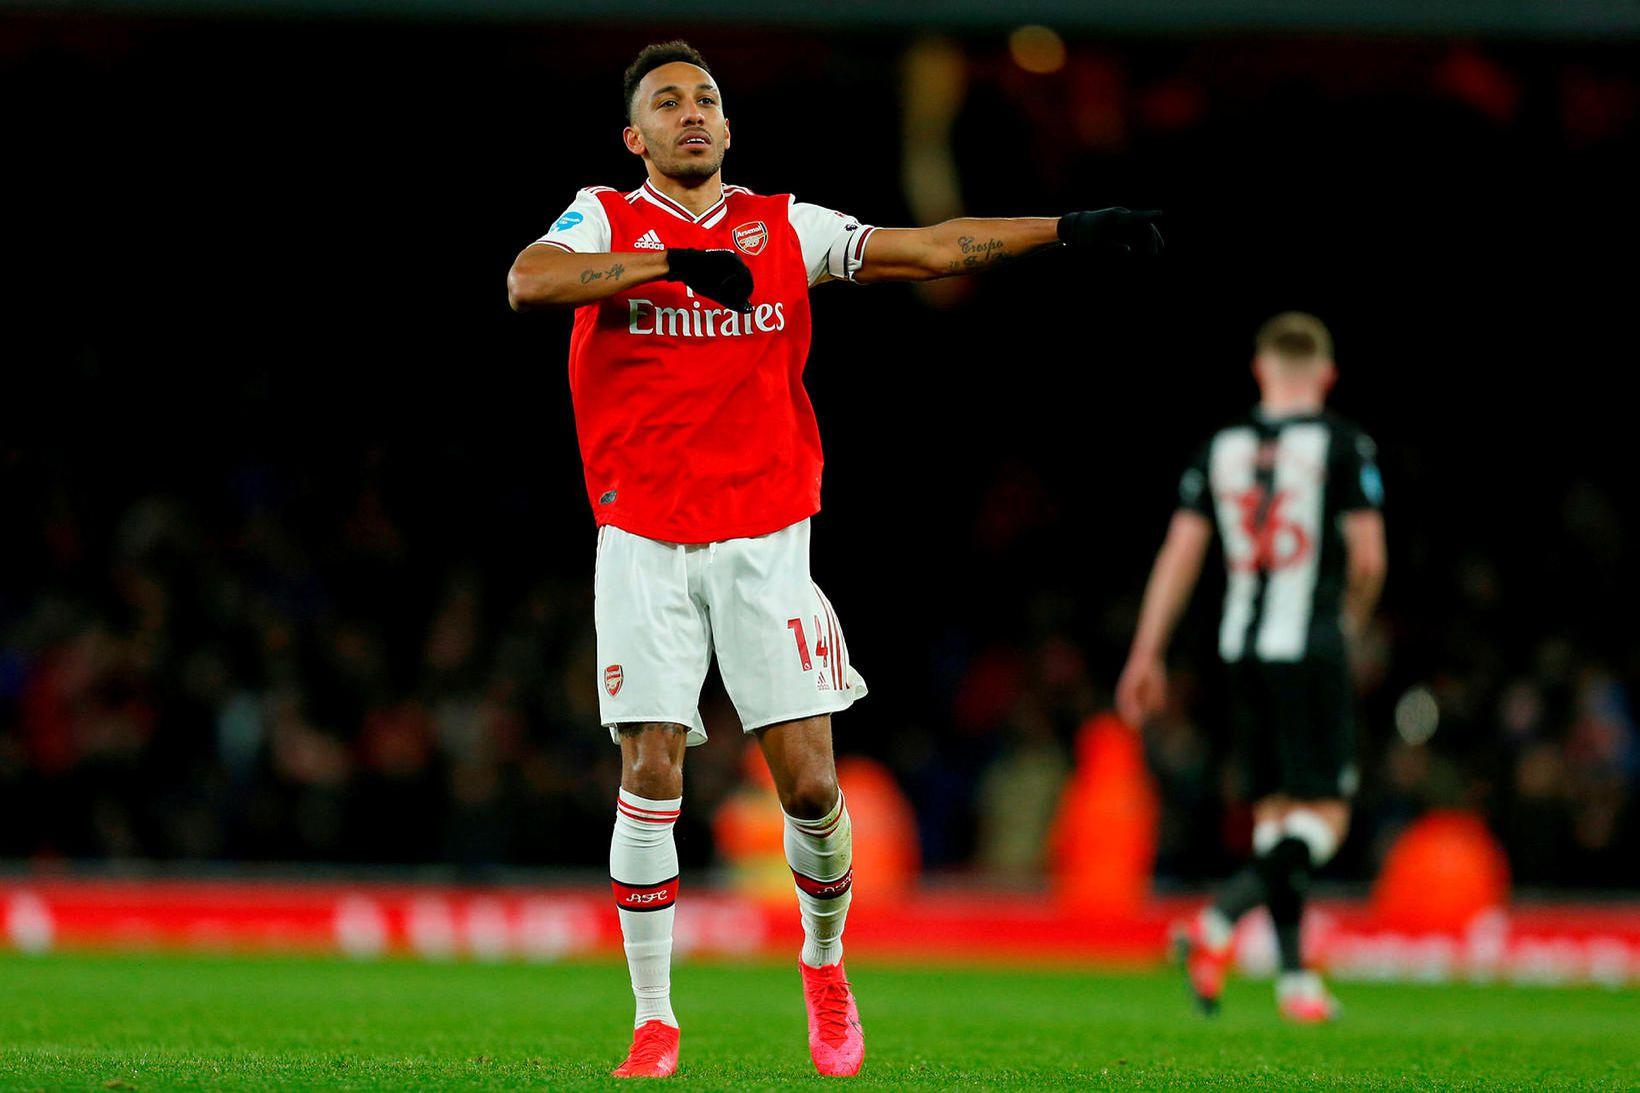 Pierre-Emerick Aubameyang hefur skorað 61 mark fyrir Arsenal síðan hann …